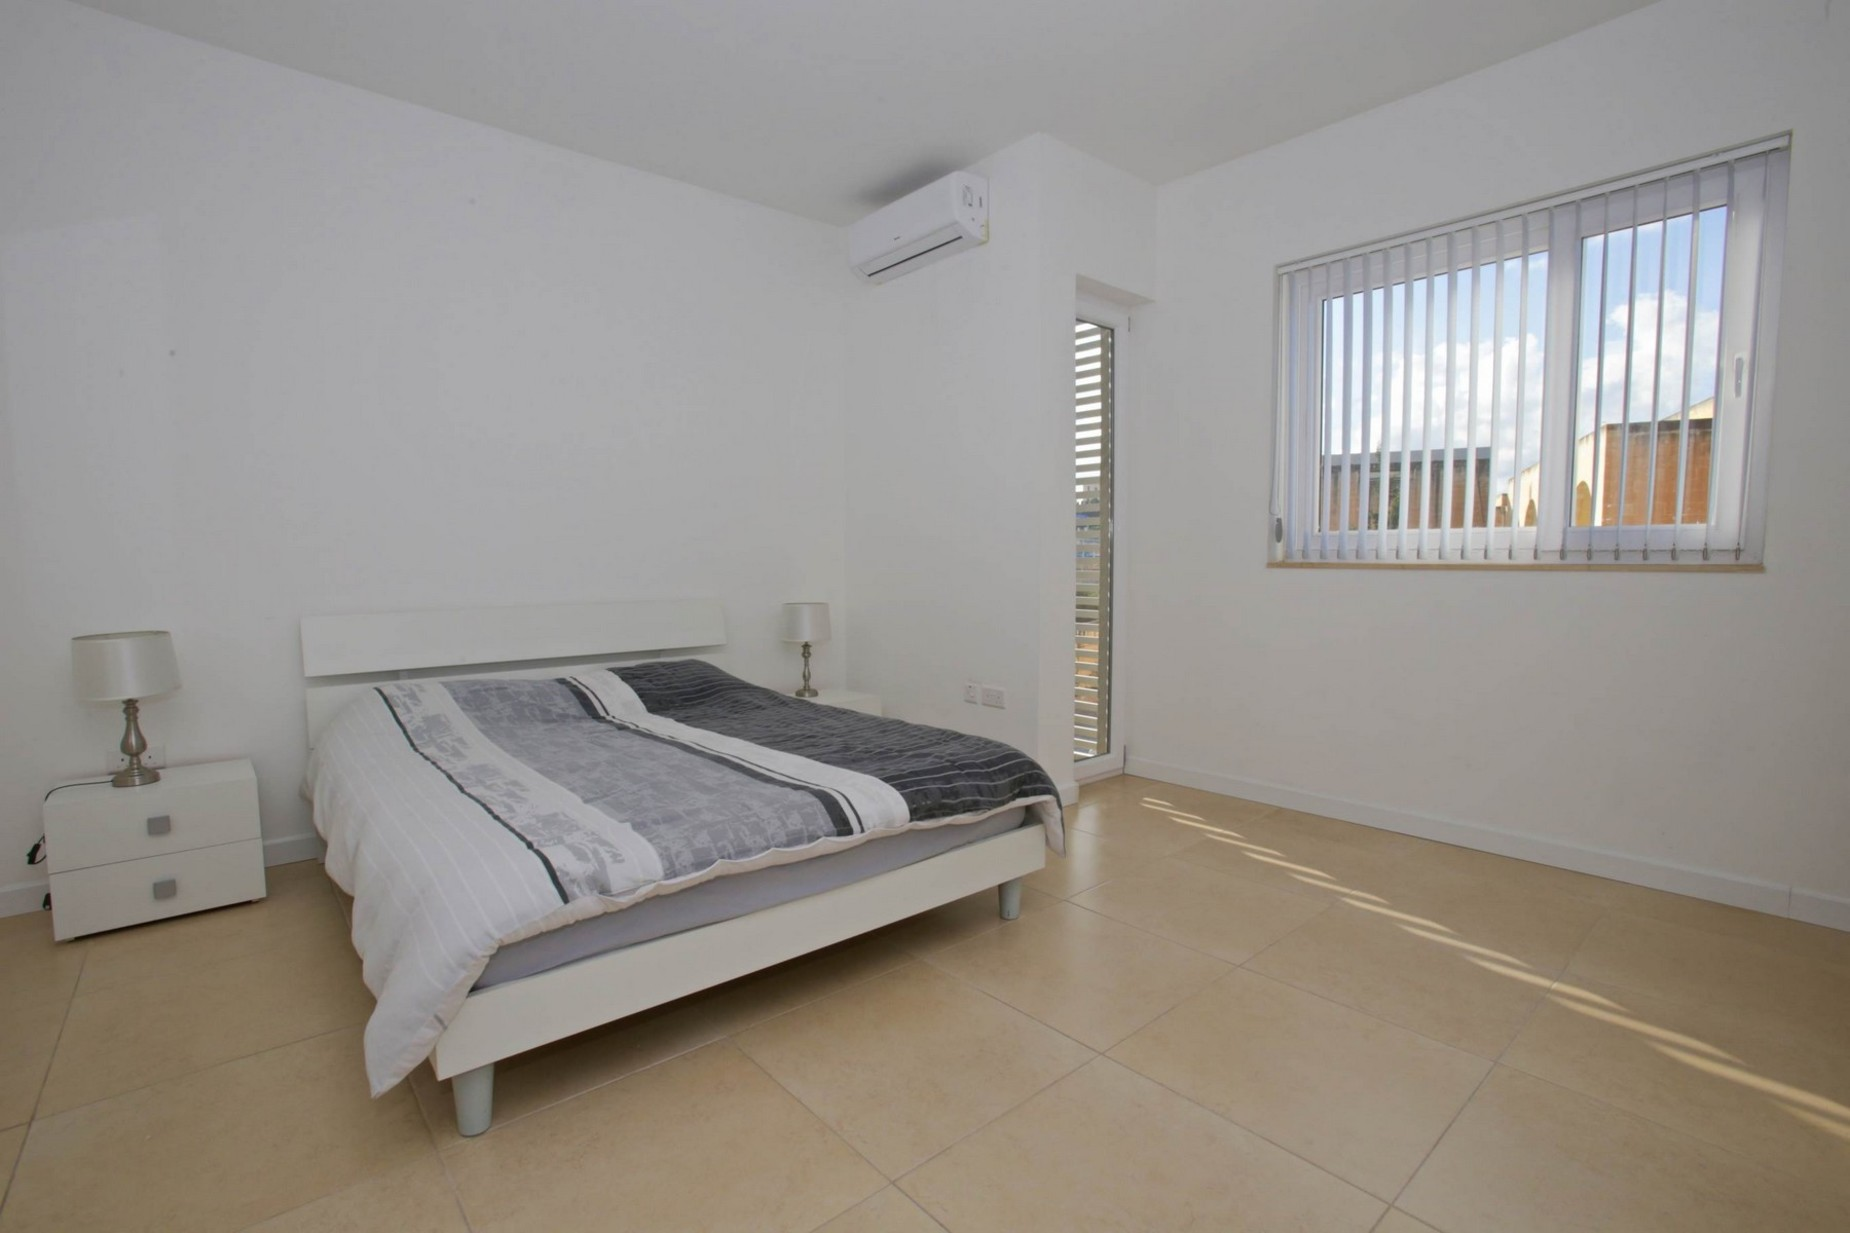 3 bed Apartment For Rent in Gzira, Gzira - thumb 12